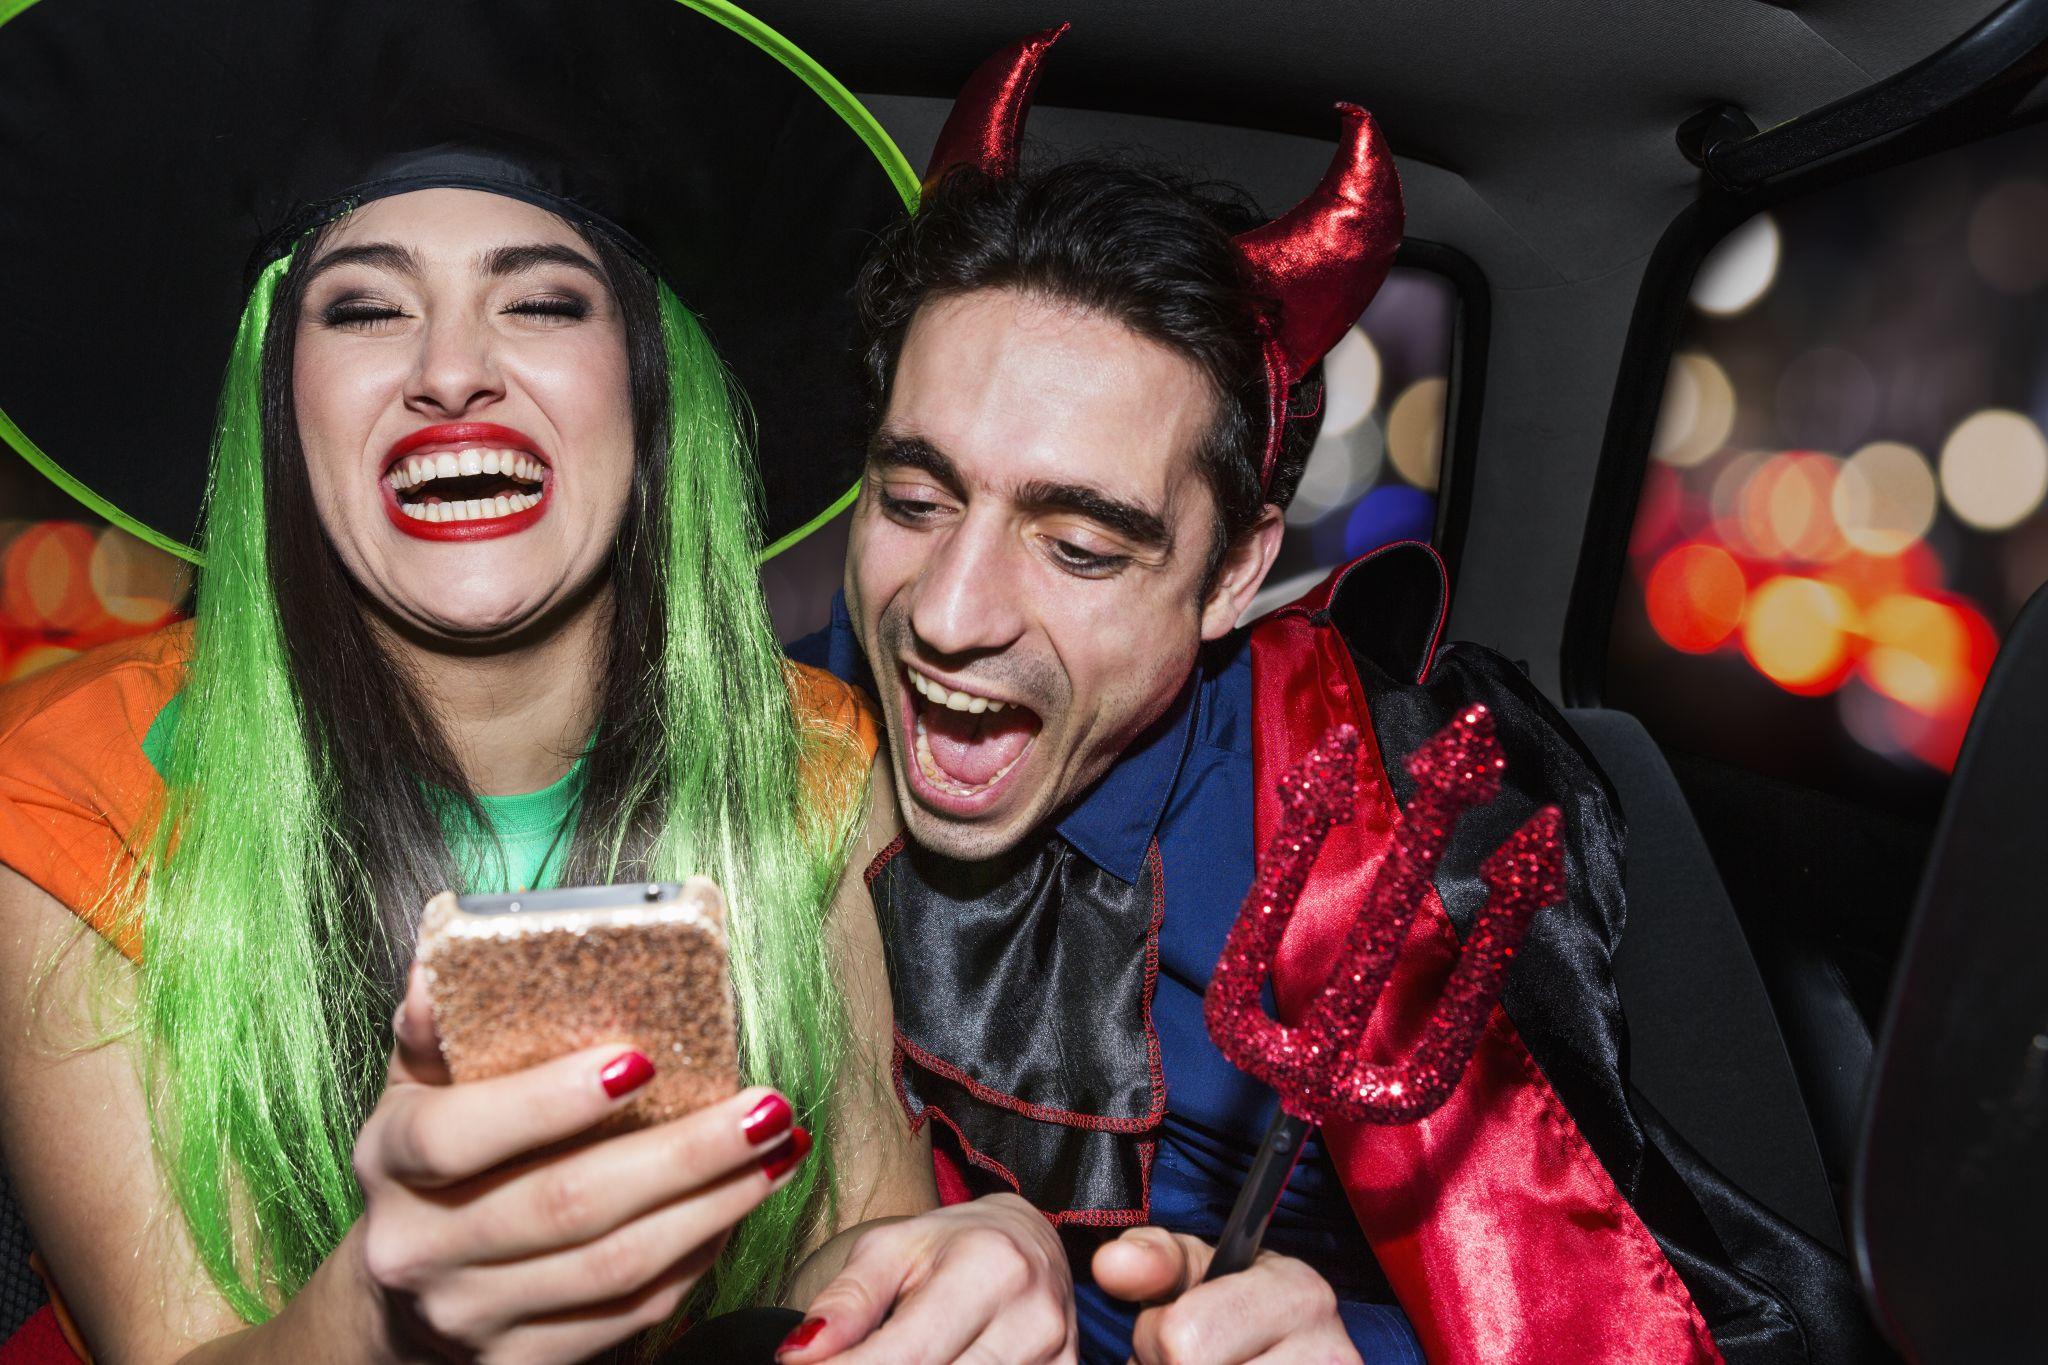 snarky halloween costume ideas for the modern texan - houston chronicle